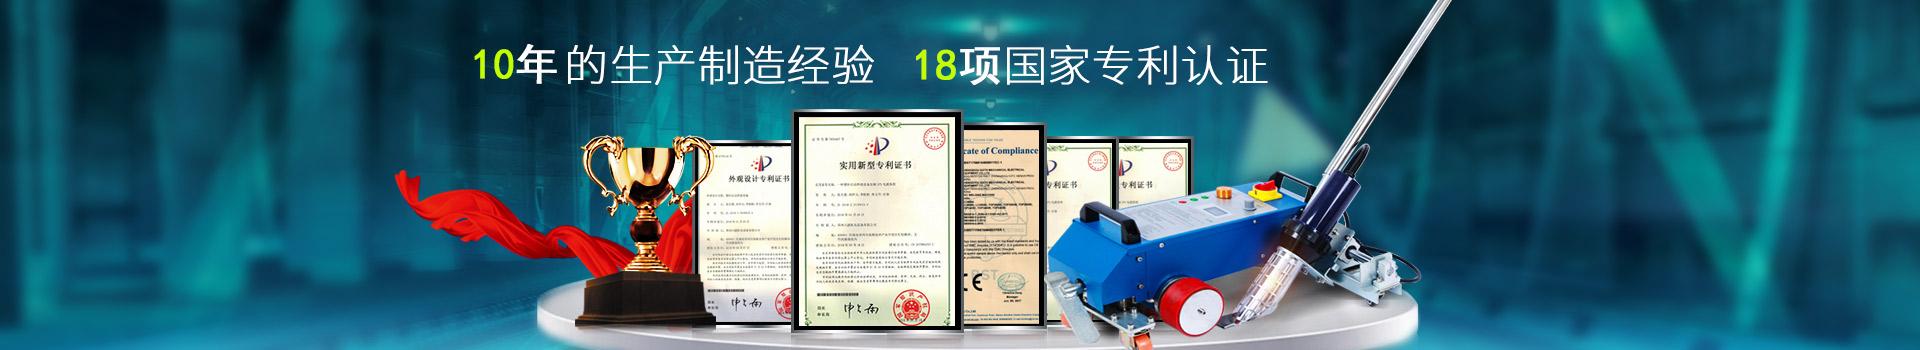 六渡,10年的生产制造经验,18项国家专利认证